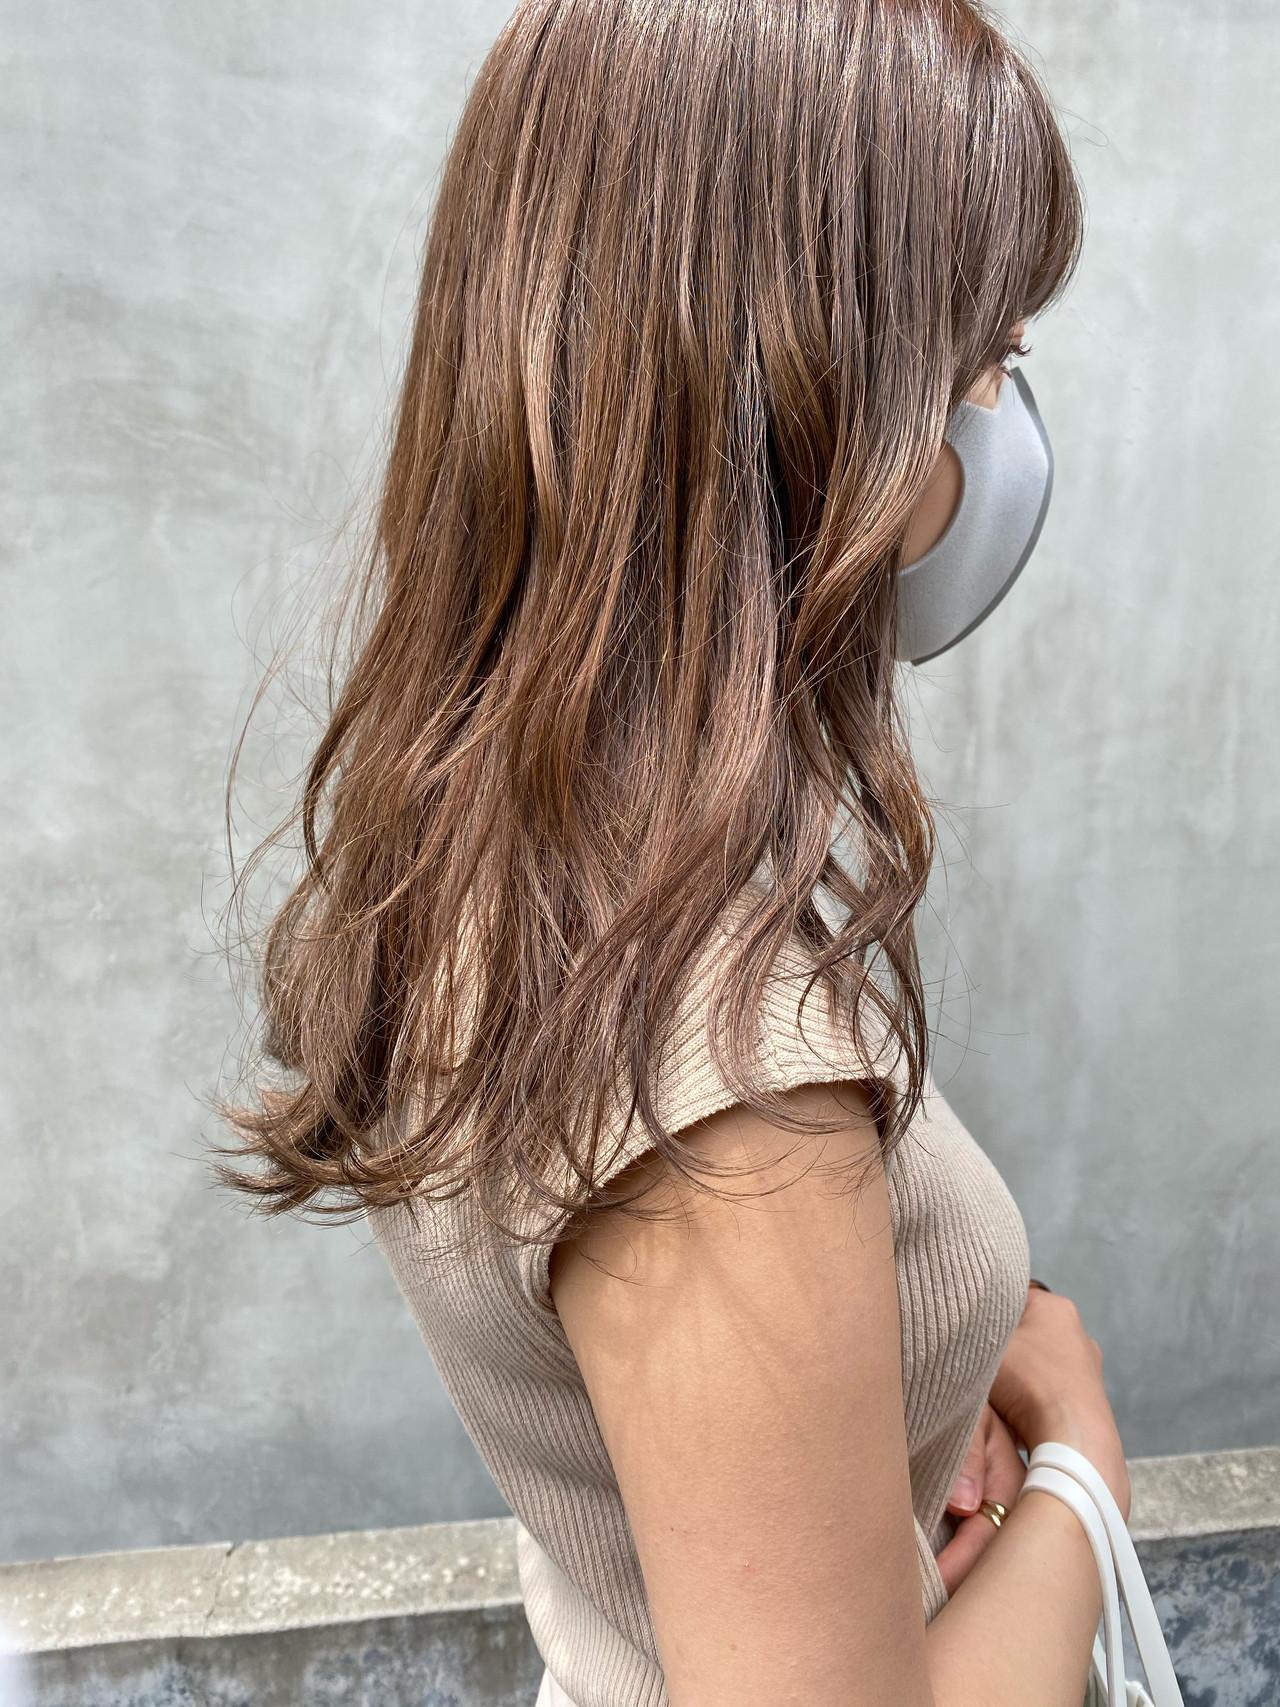 ミルクティーベージュ ミルクティーグレージュ ミルクティーアッシュ ナチュラル ヘアスタイルや髪型の写真・画像